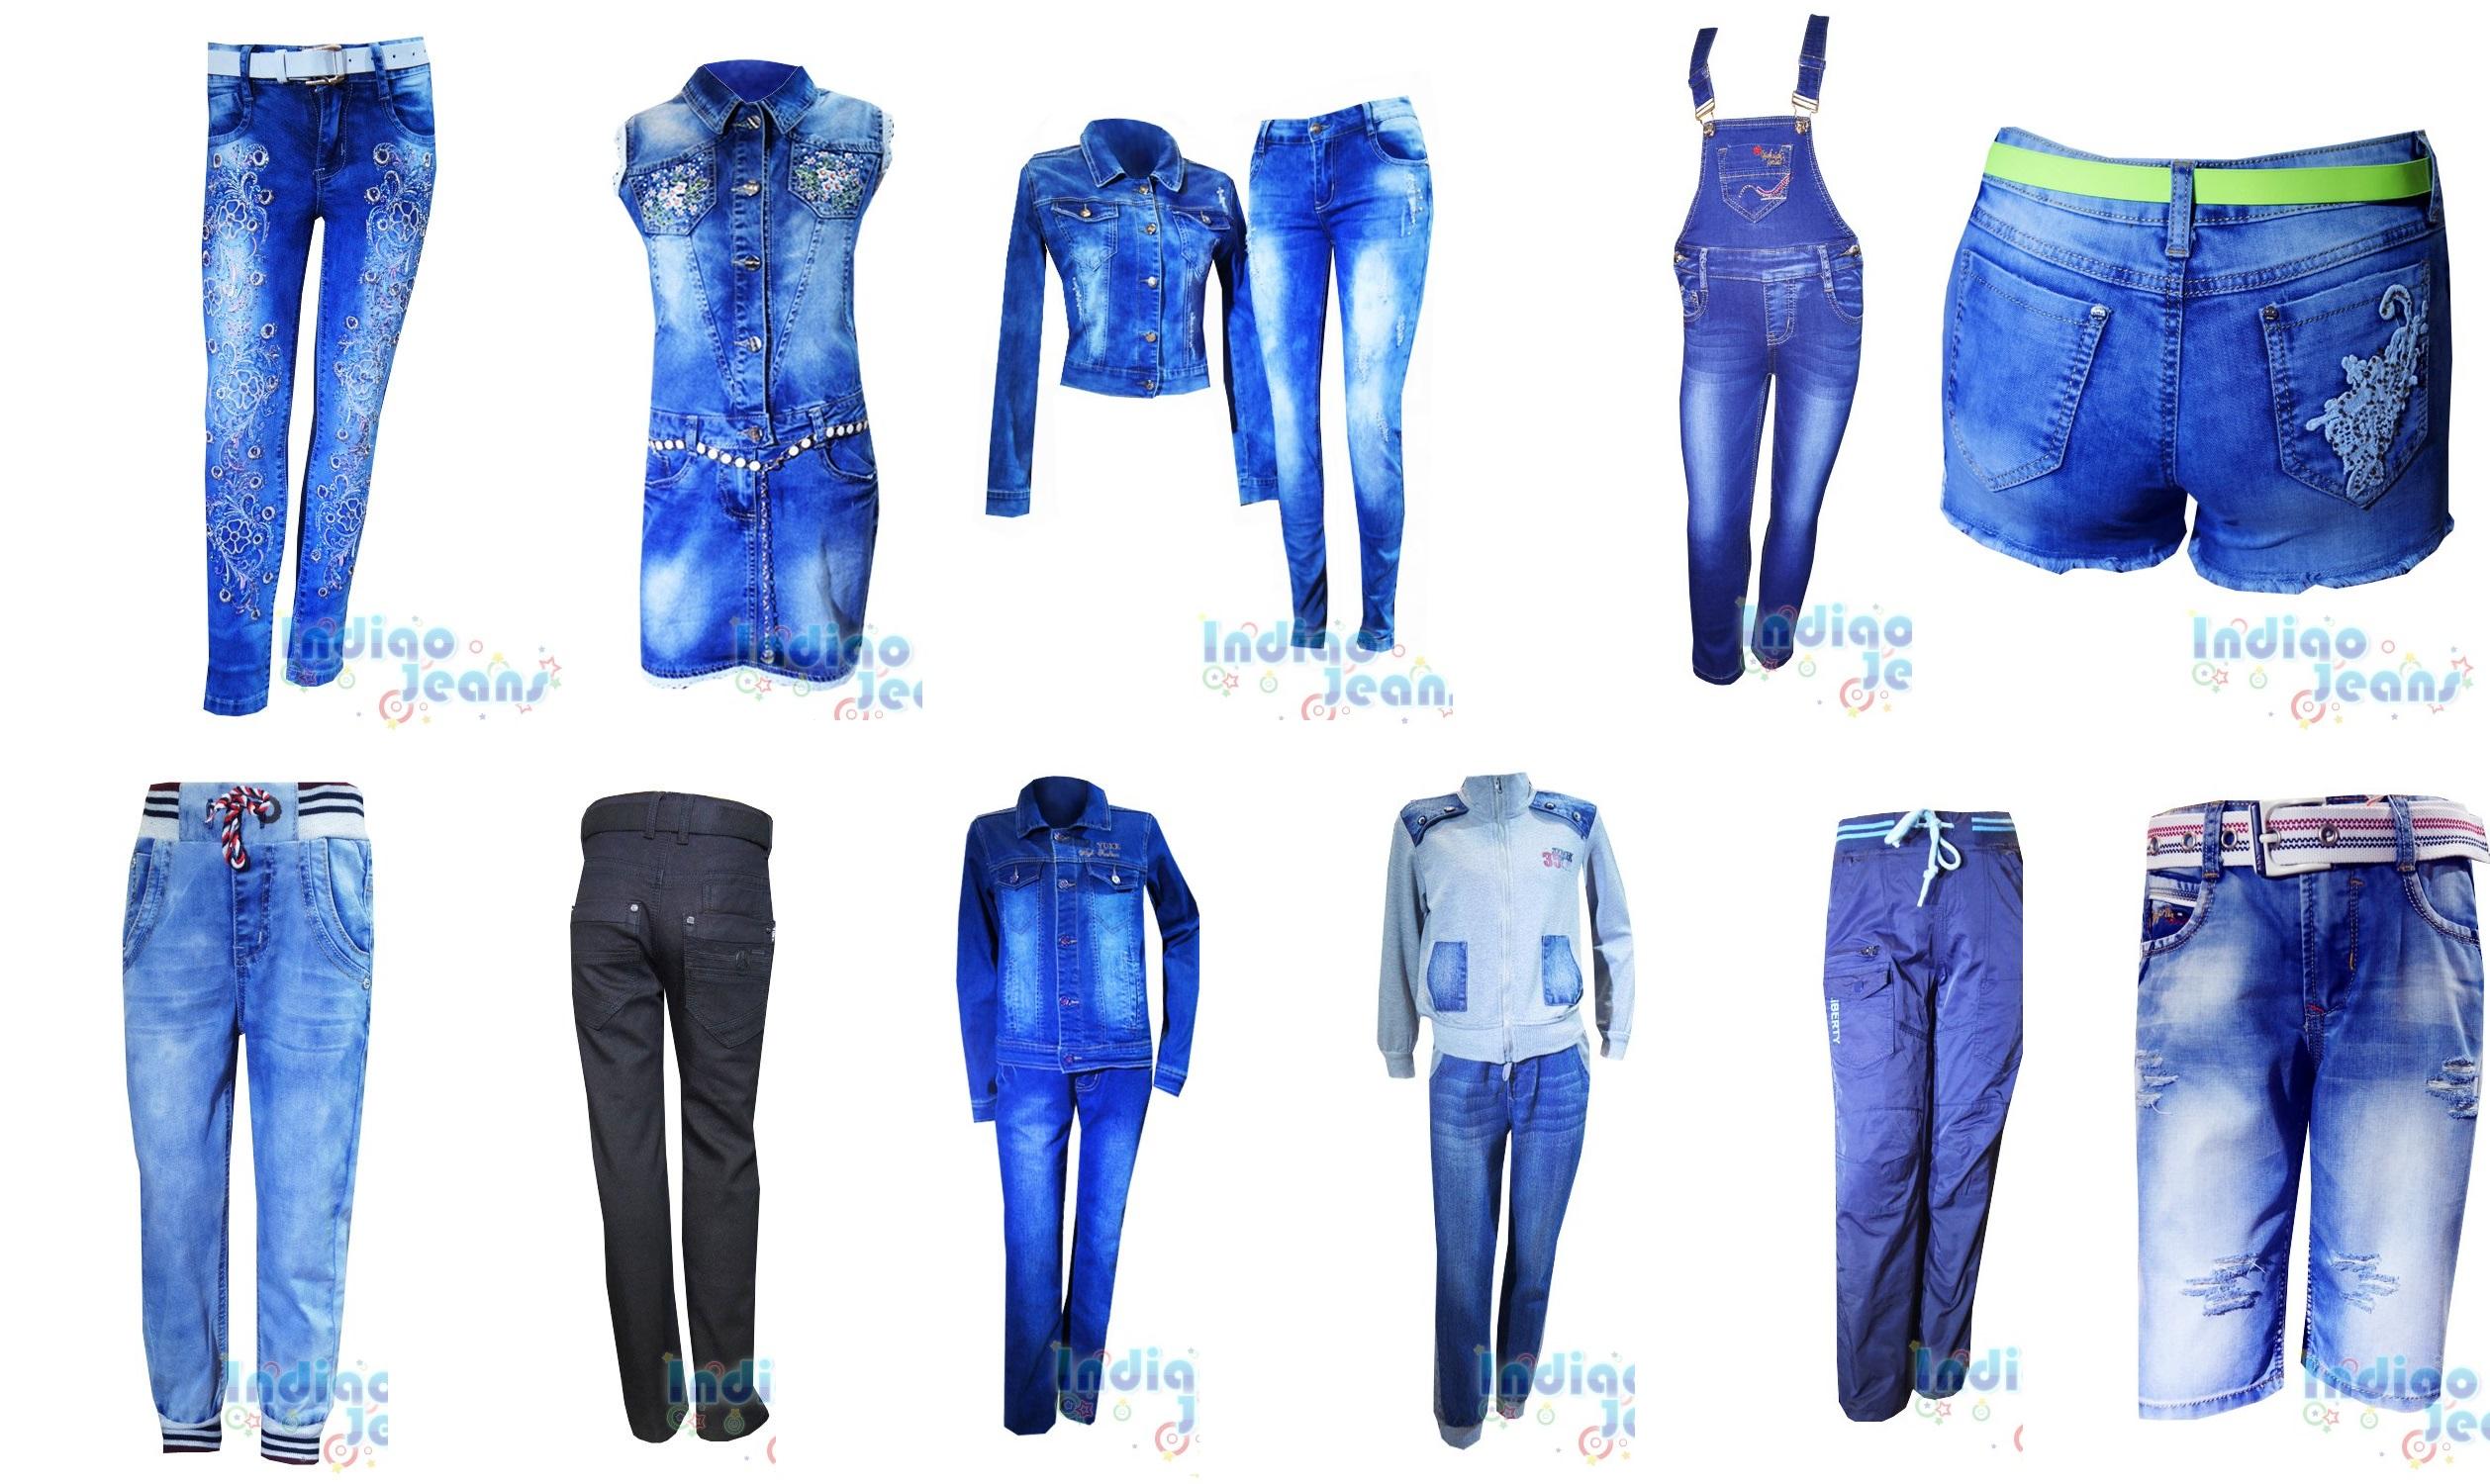 Джинсовый рай - 33! Утепленные джинсы, брюки. Школьный ассортимент.